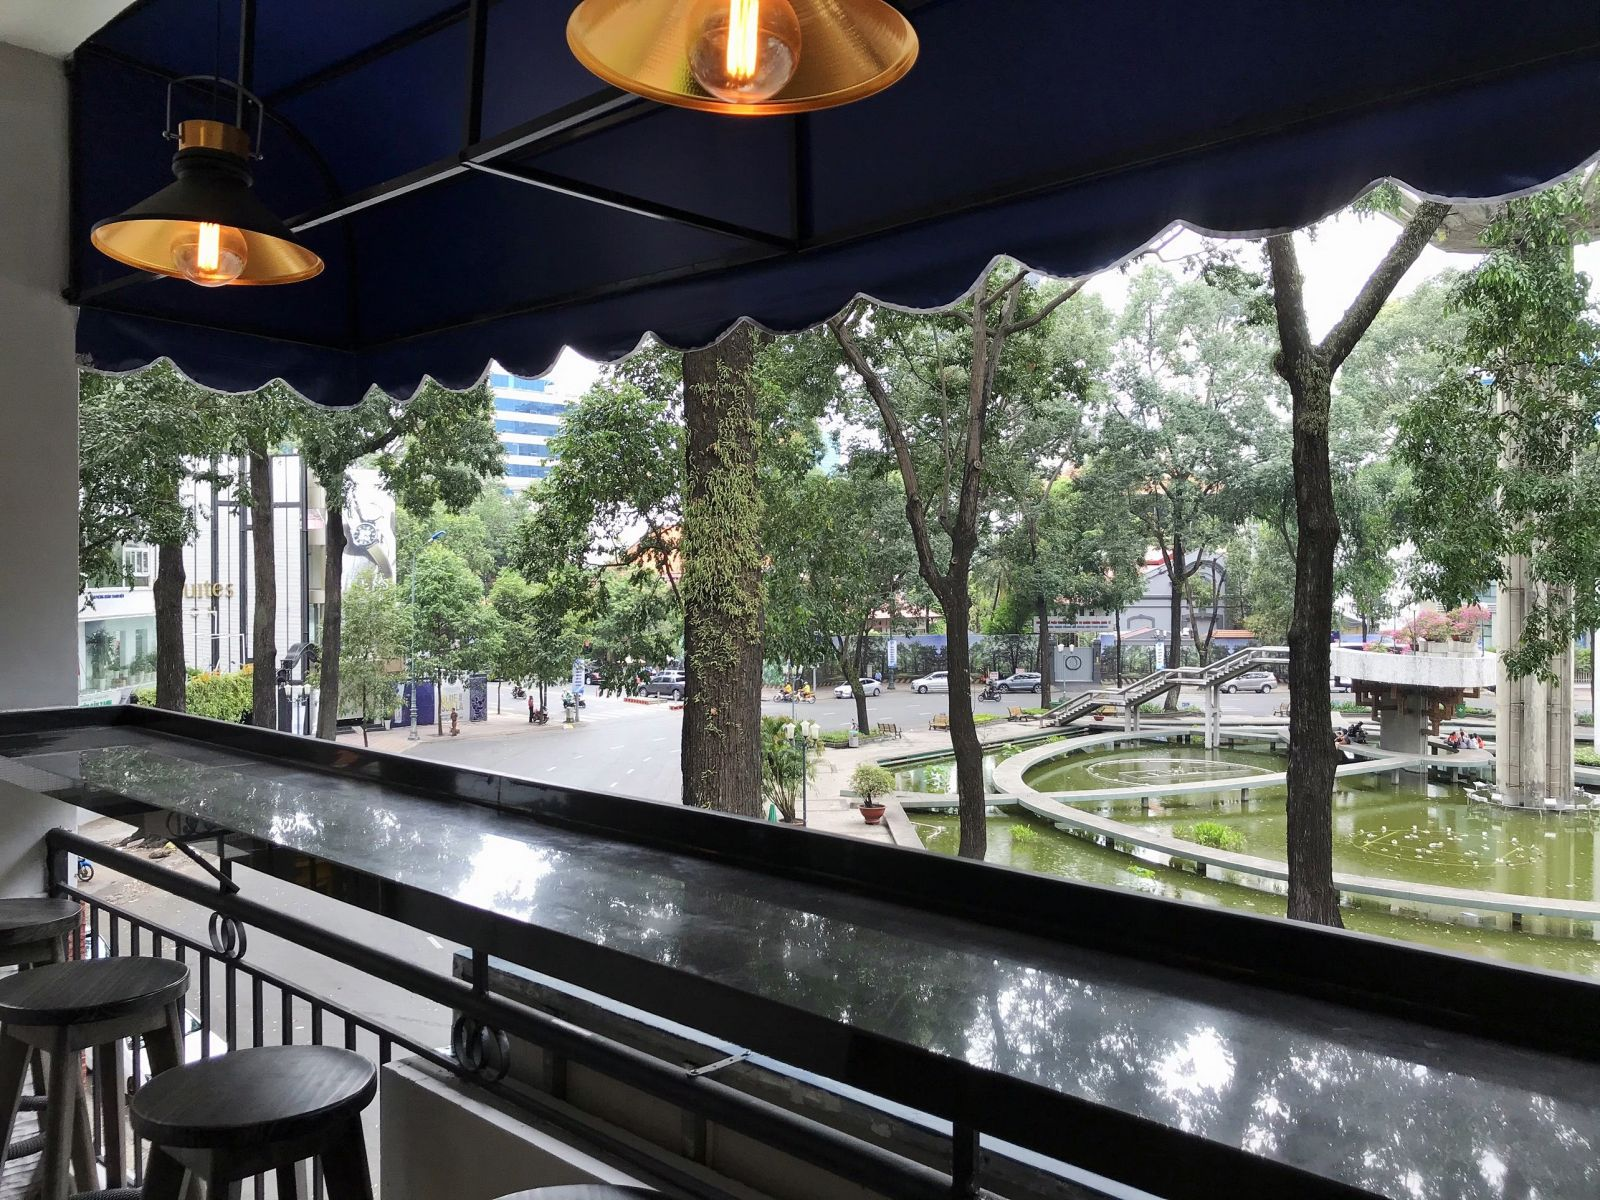 Hồ con rùa – Điểm đến lý tưởng ở Sài Gòn